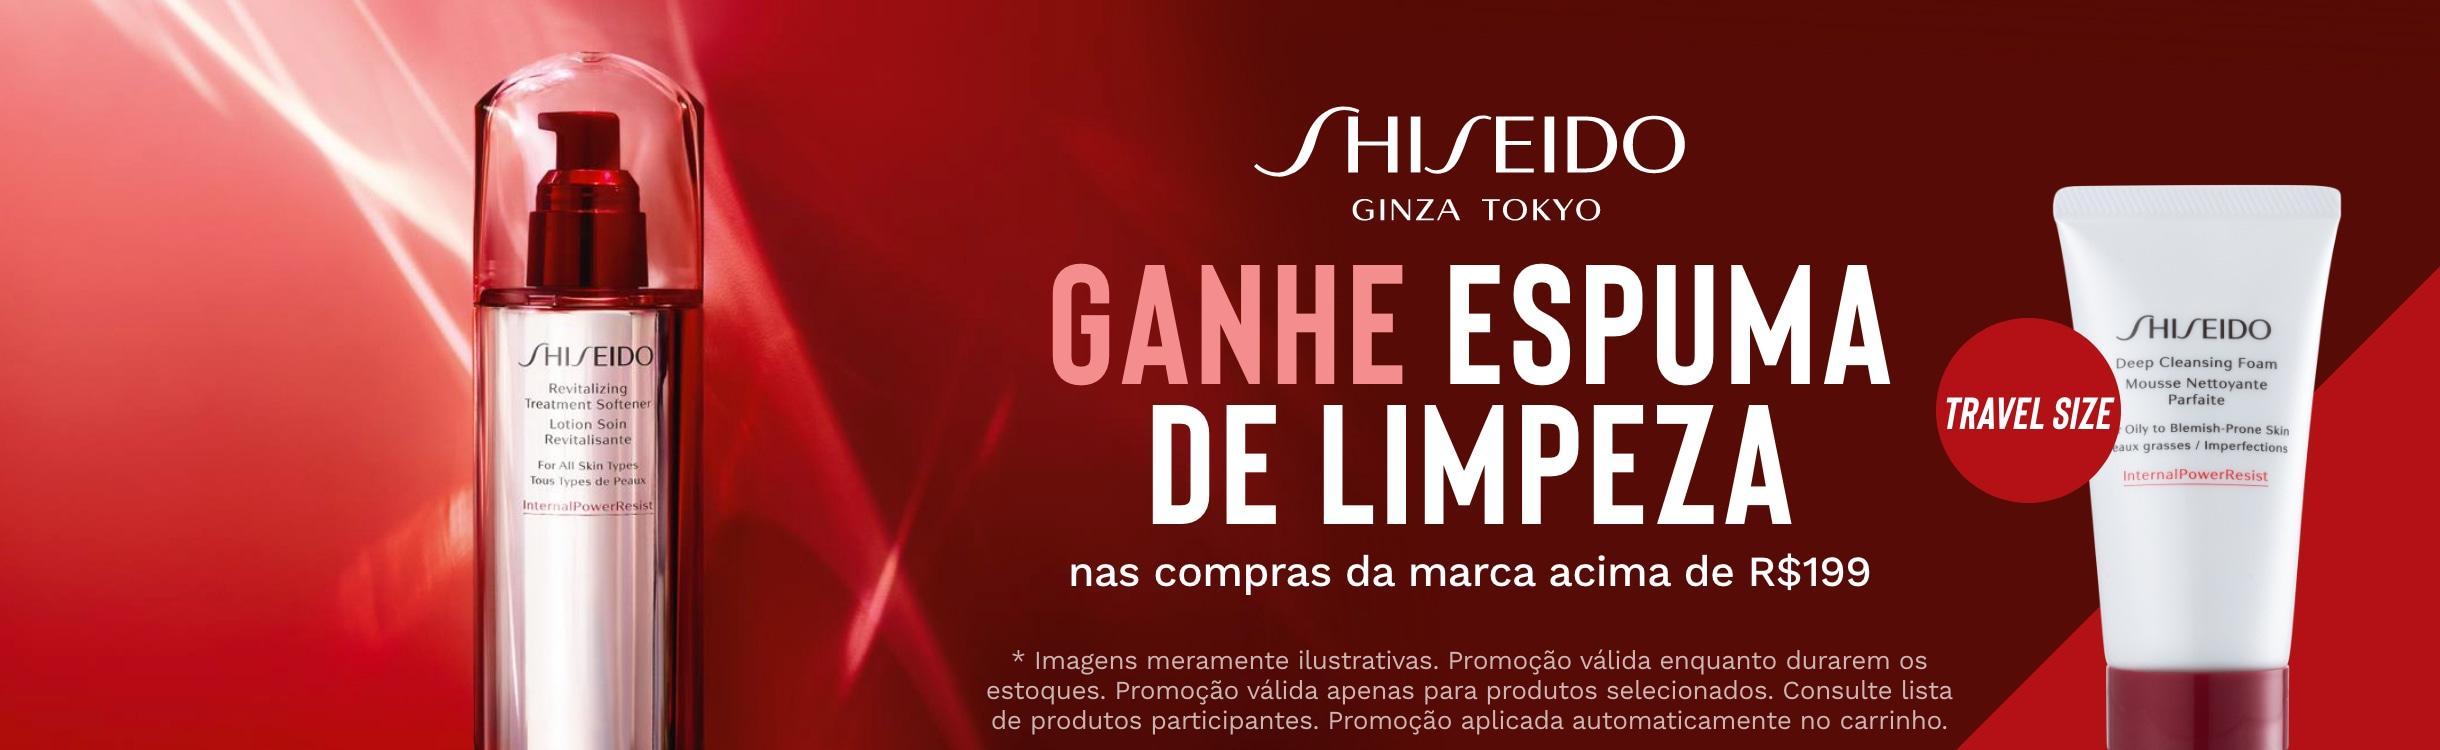 Cuidados para Pele Shiseido